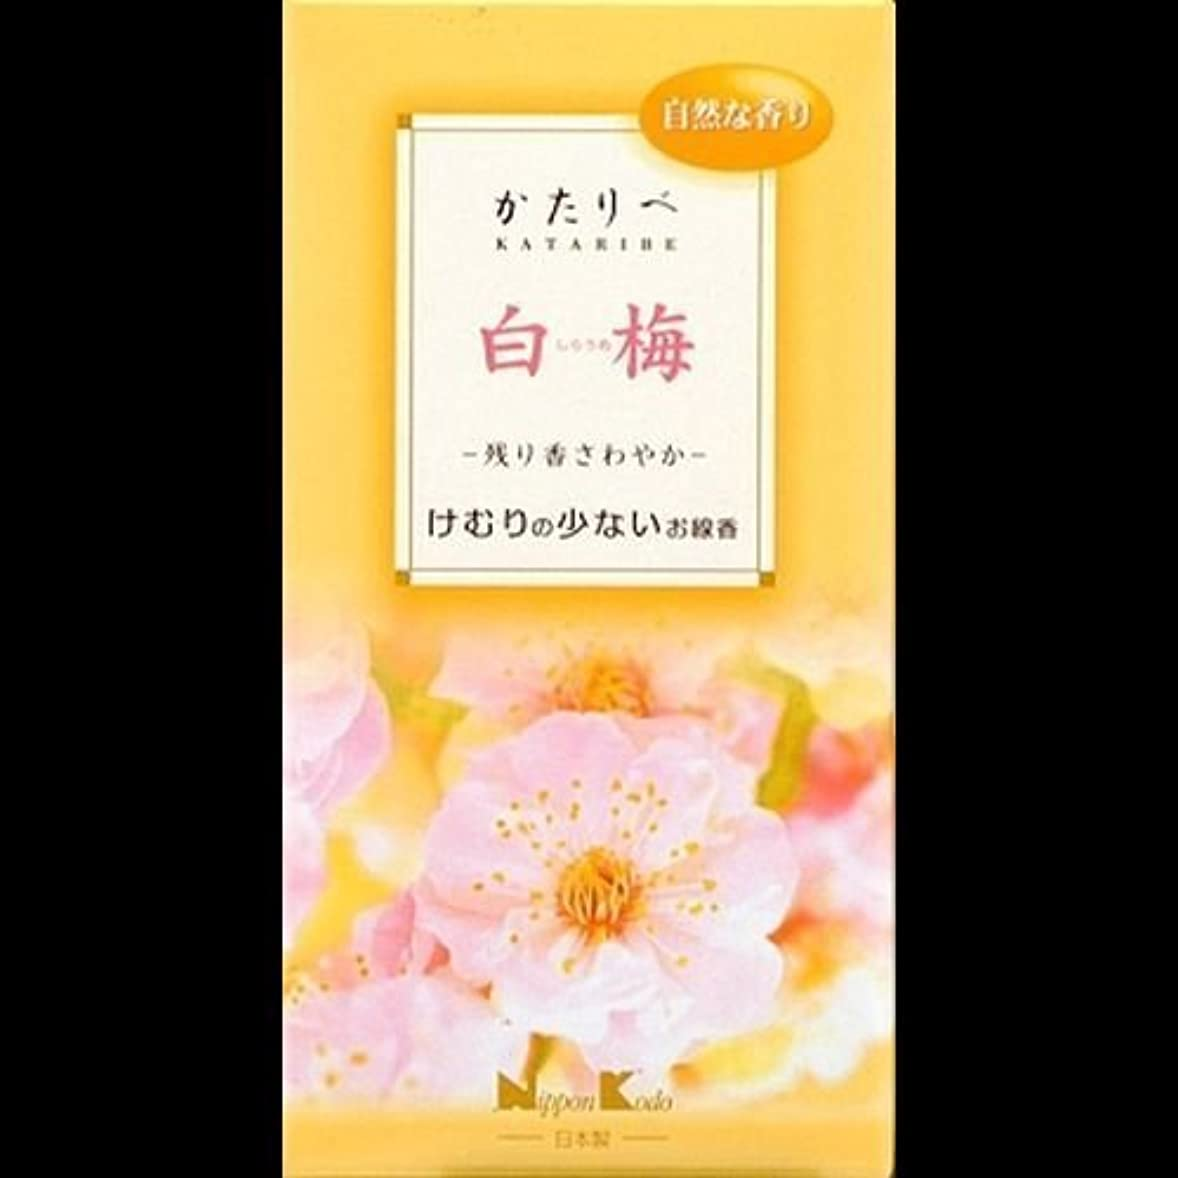 ハーブ本会議ソフィー【まとめ買い】かたりべ 白梅 バラ詰 140g ×2セット